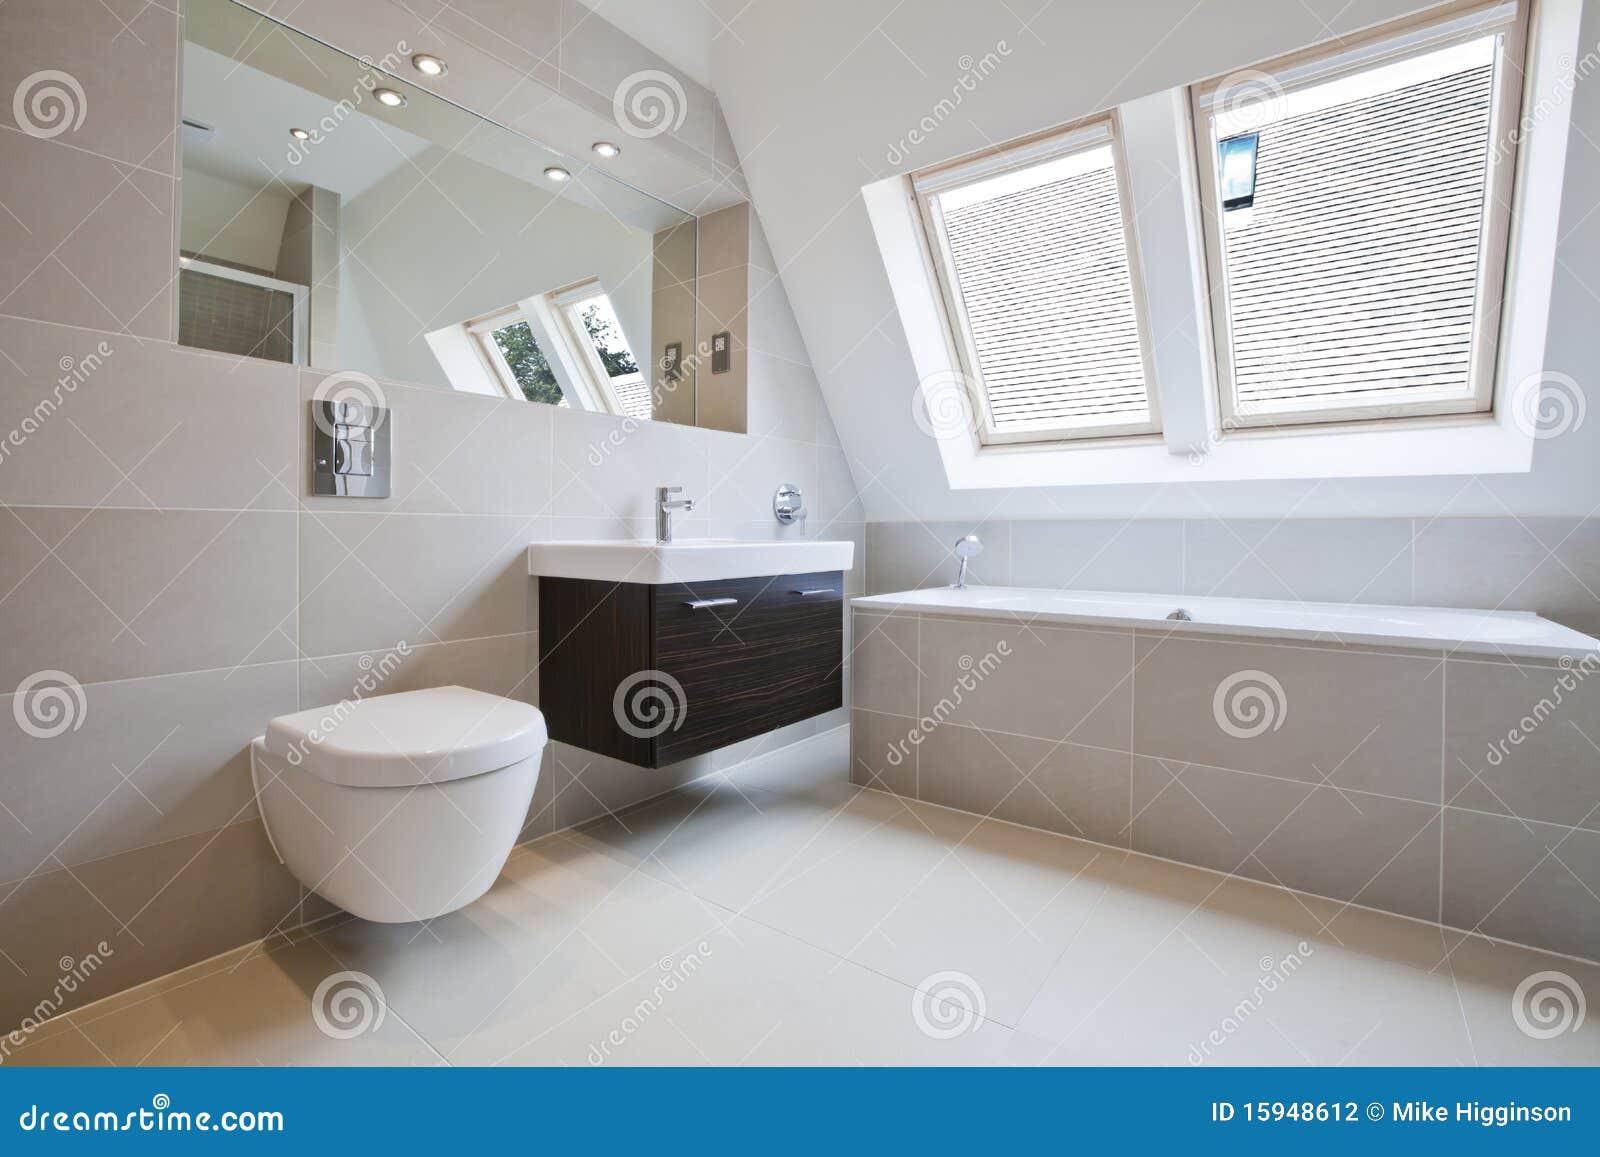 Baño De Lujo Moderno:Cuarto De Baño De Lujo Moderno Fotografía de archivo – Imagen